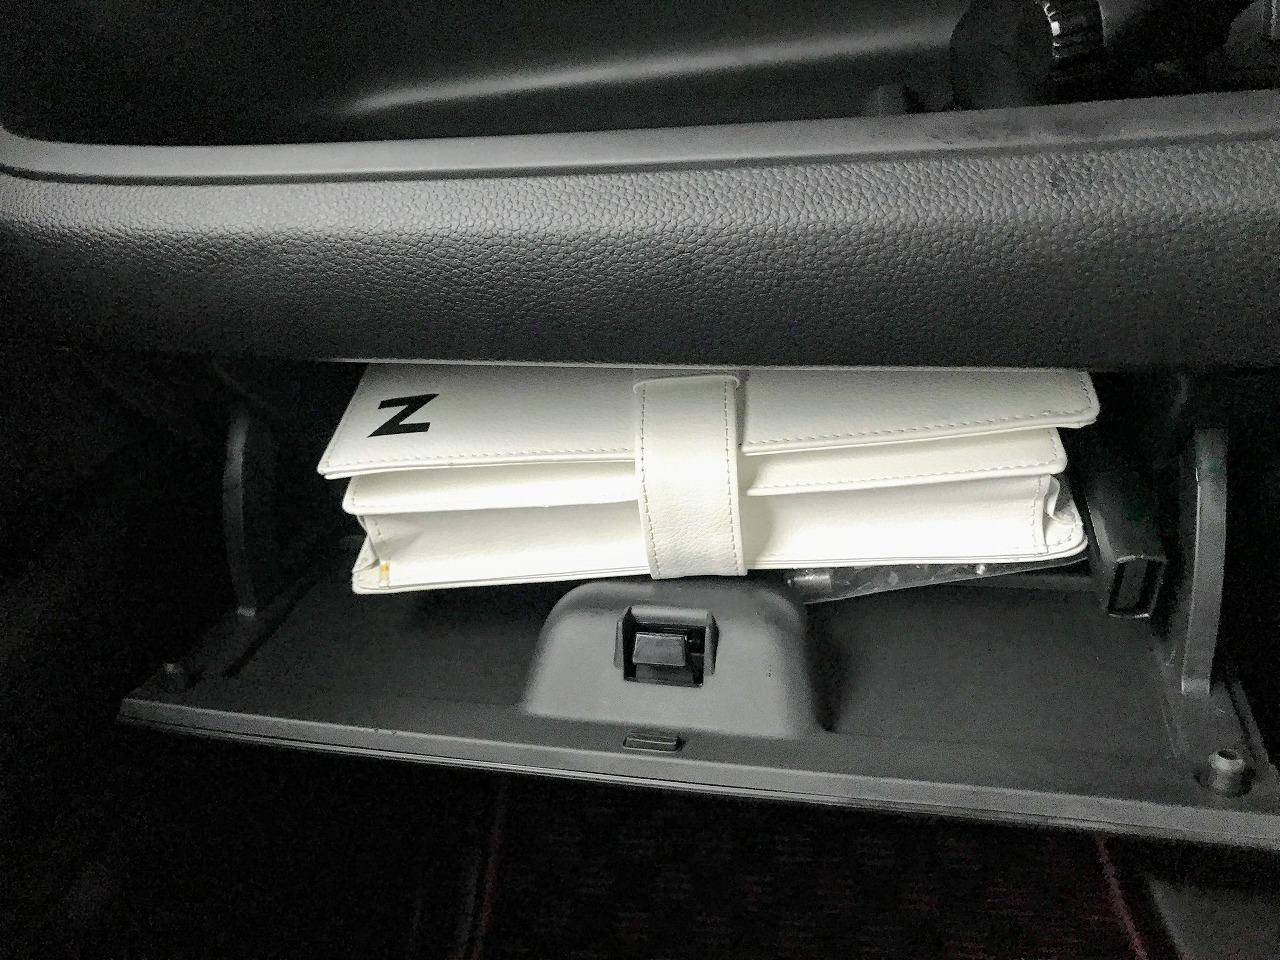 新型N-BOXのグローブボックスを有効活用するために車検証入れを別の場所に移動する計画【準備編】